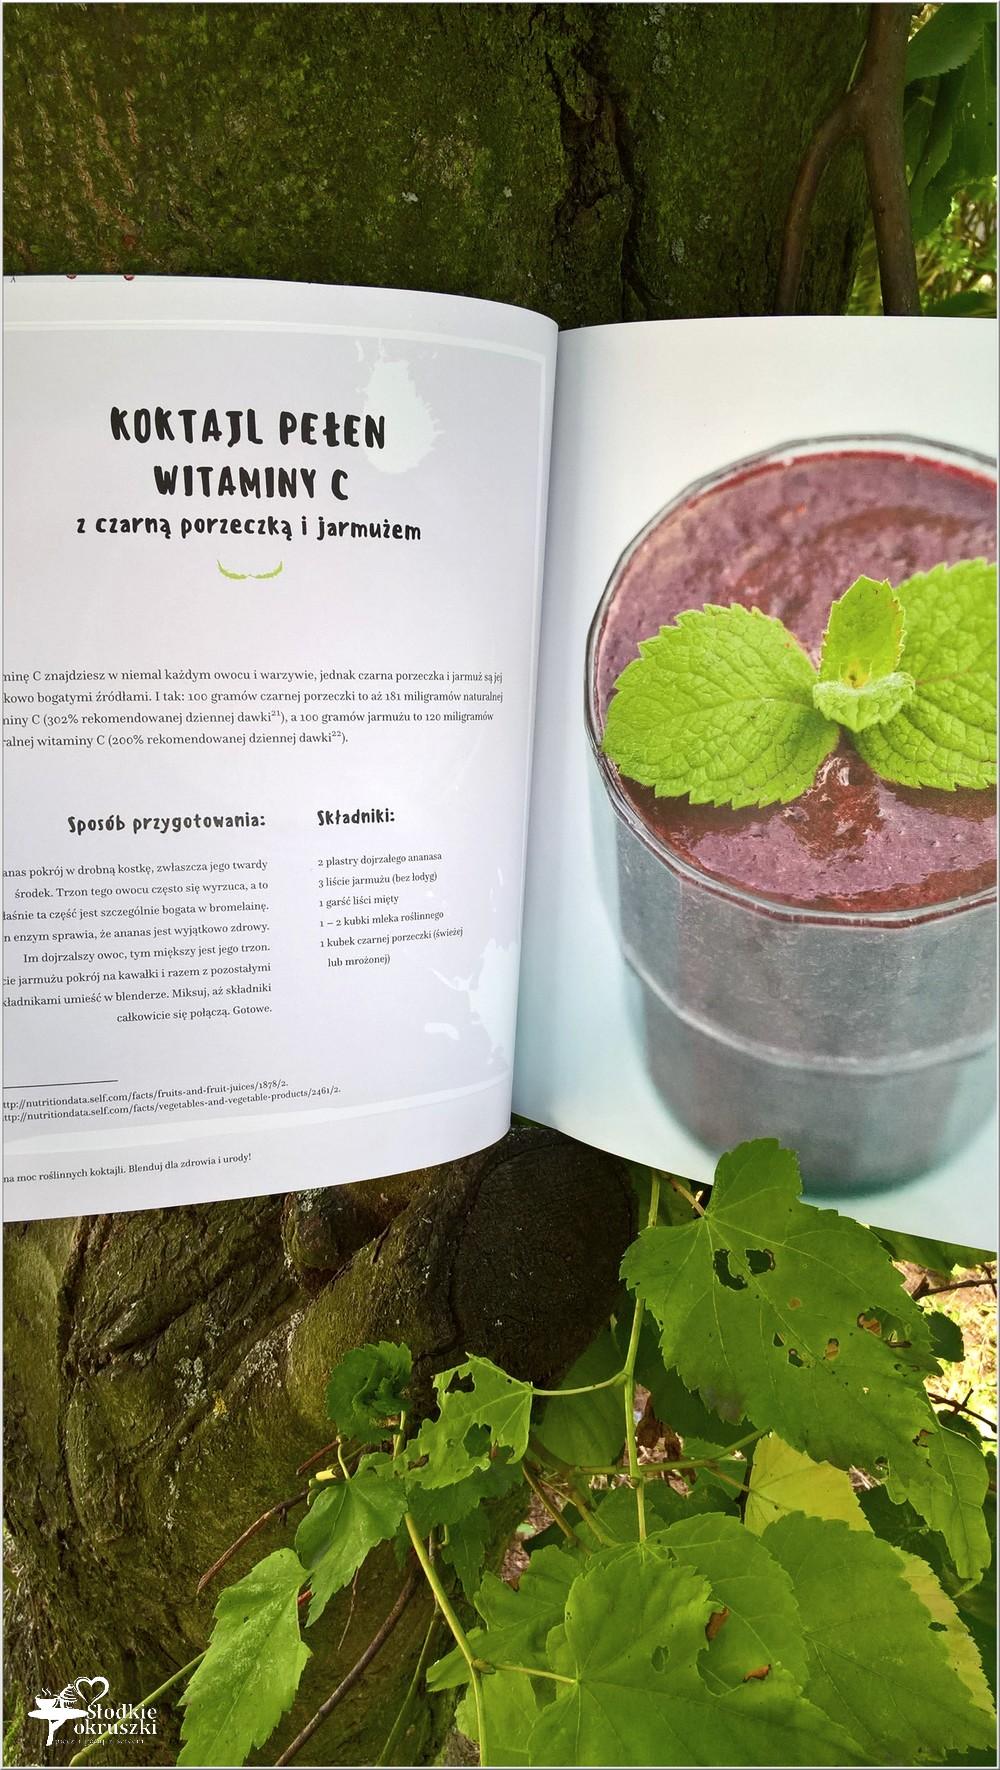 Cudowna moc roślinnych koktajli. Recenzja (2)